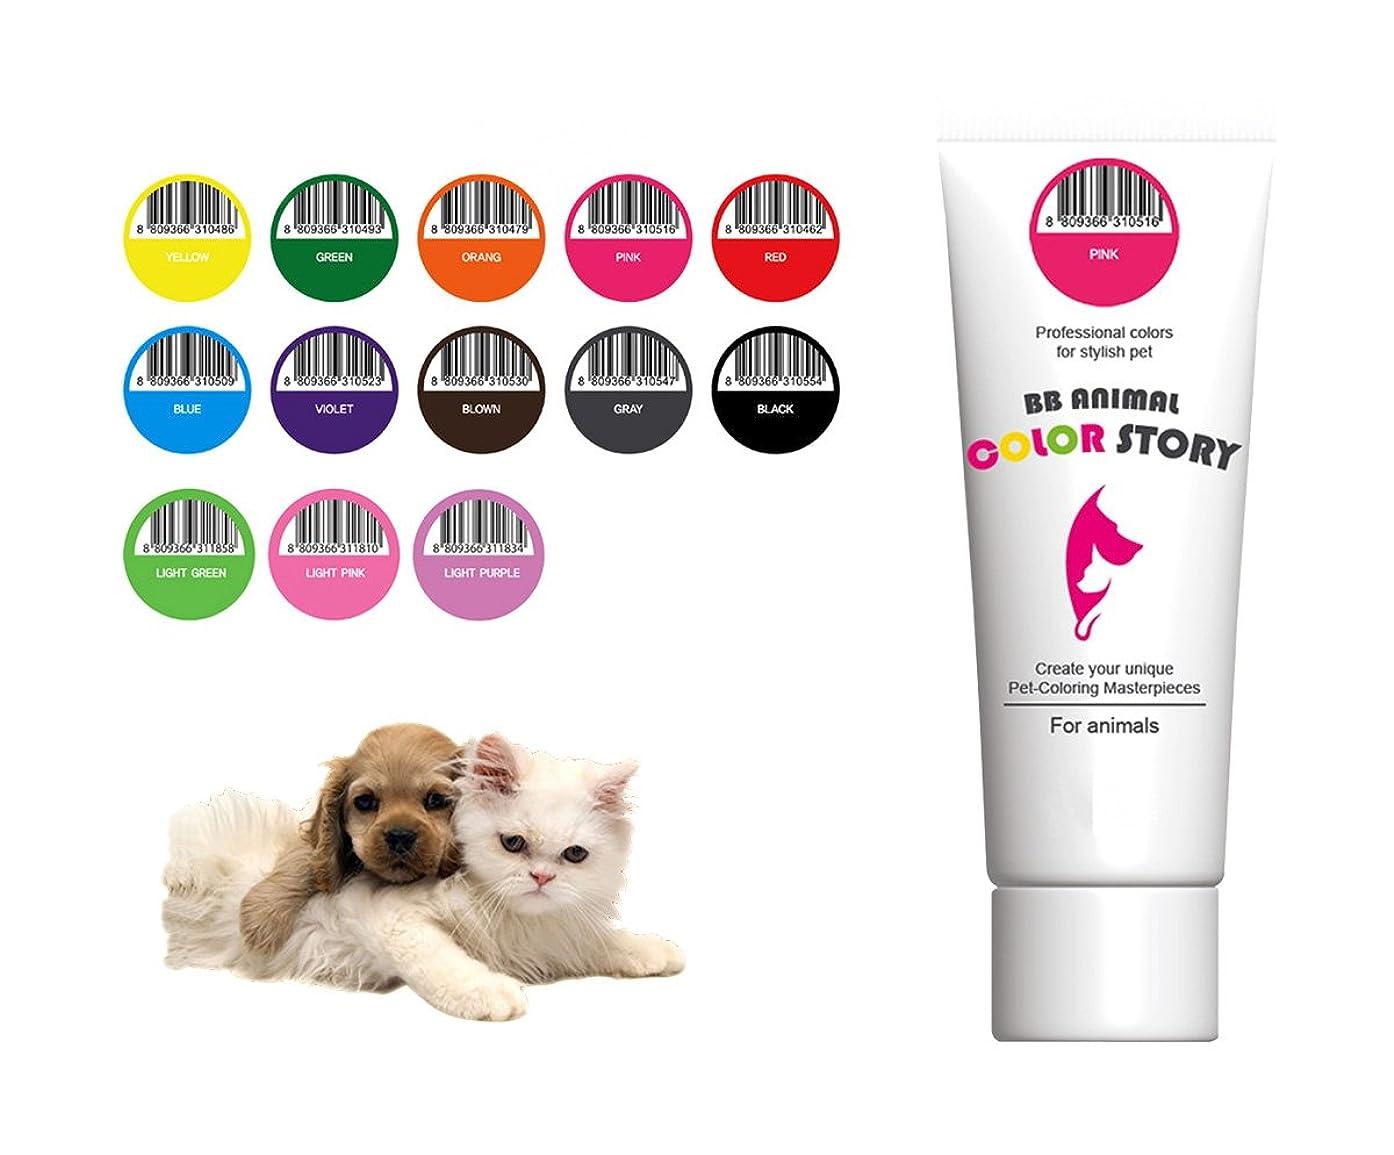 満員色合いコンサルタント13 PCS Set 毛染め, 犬ヘアダイ, カラーリング Dog Hair Hair Bleach Dye Hair Coloring Professional Colors for Stylish Pet 50ml 並行輸入